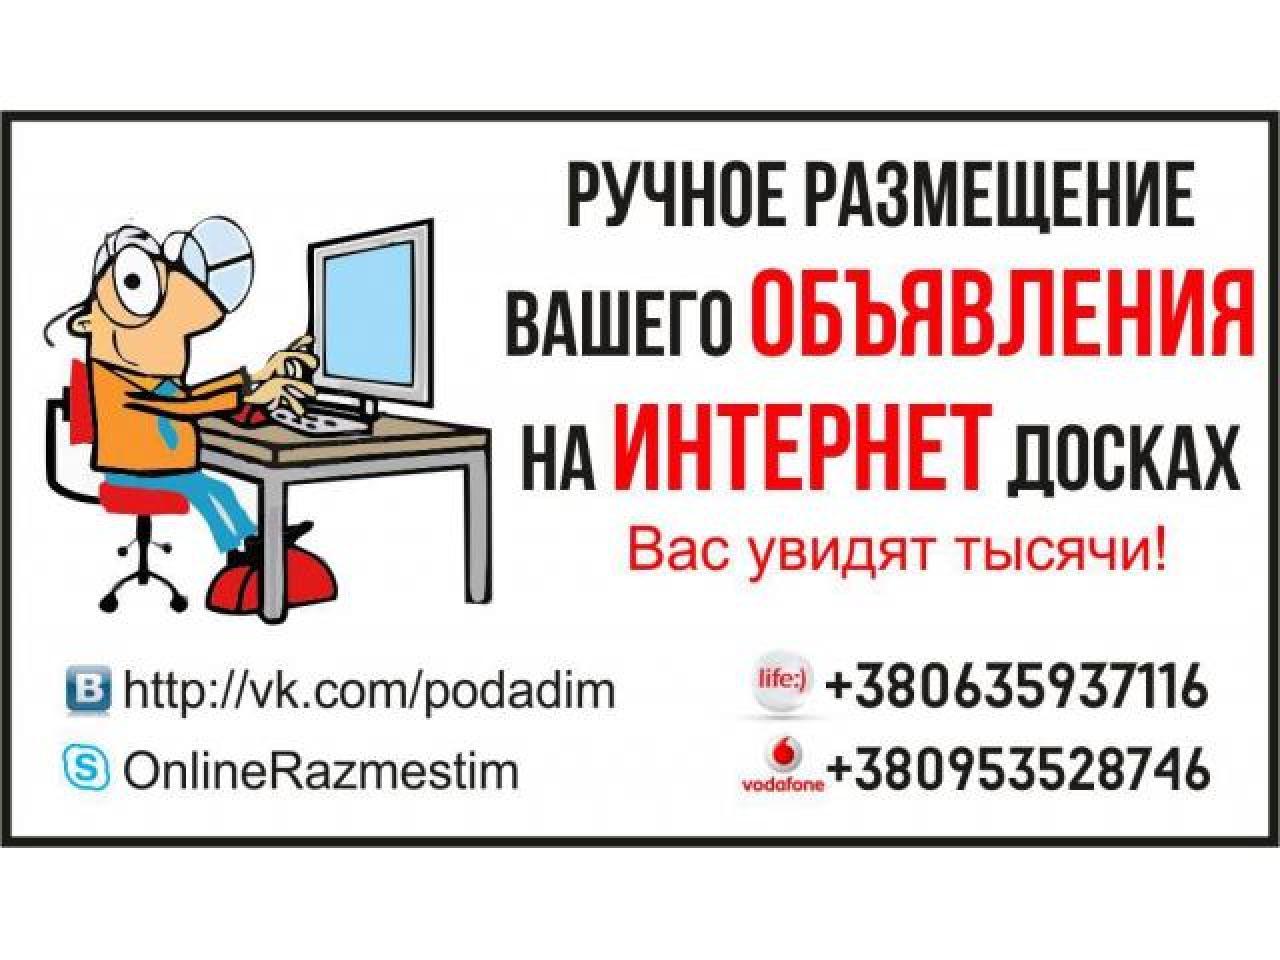 Ручное размещение Вашего объявления в интернете - 1